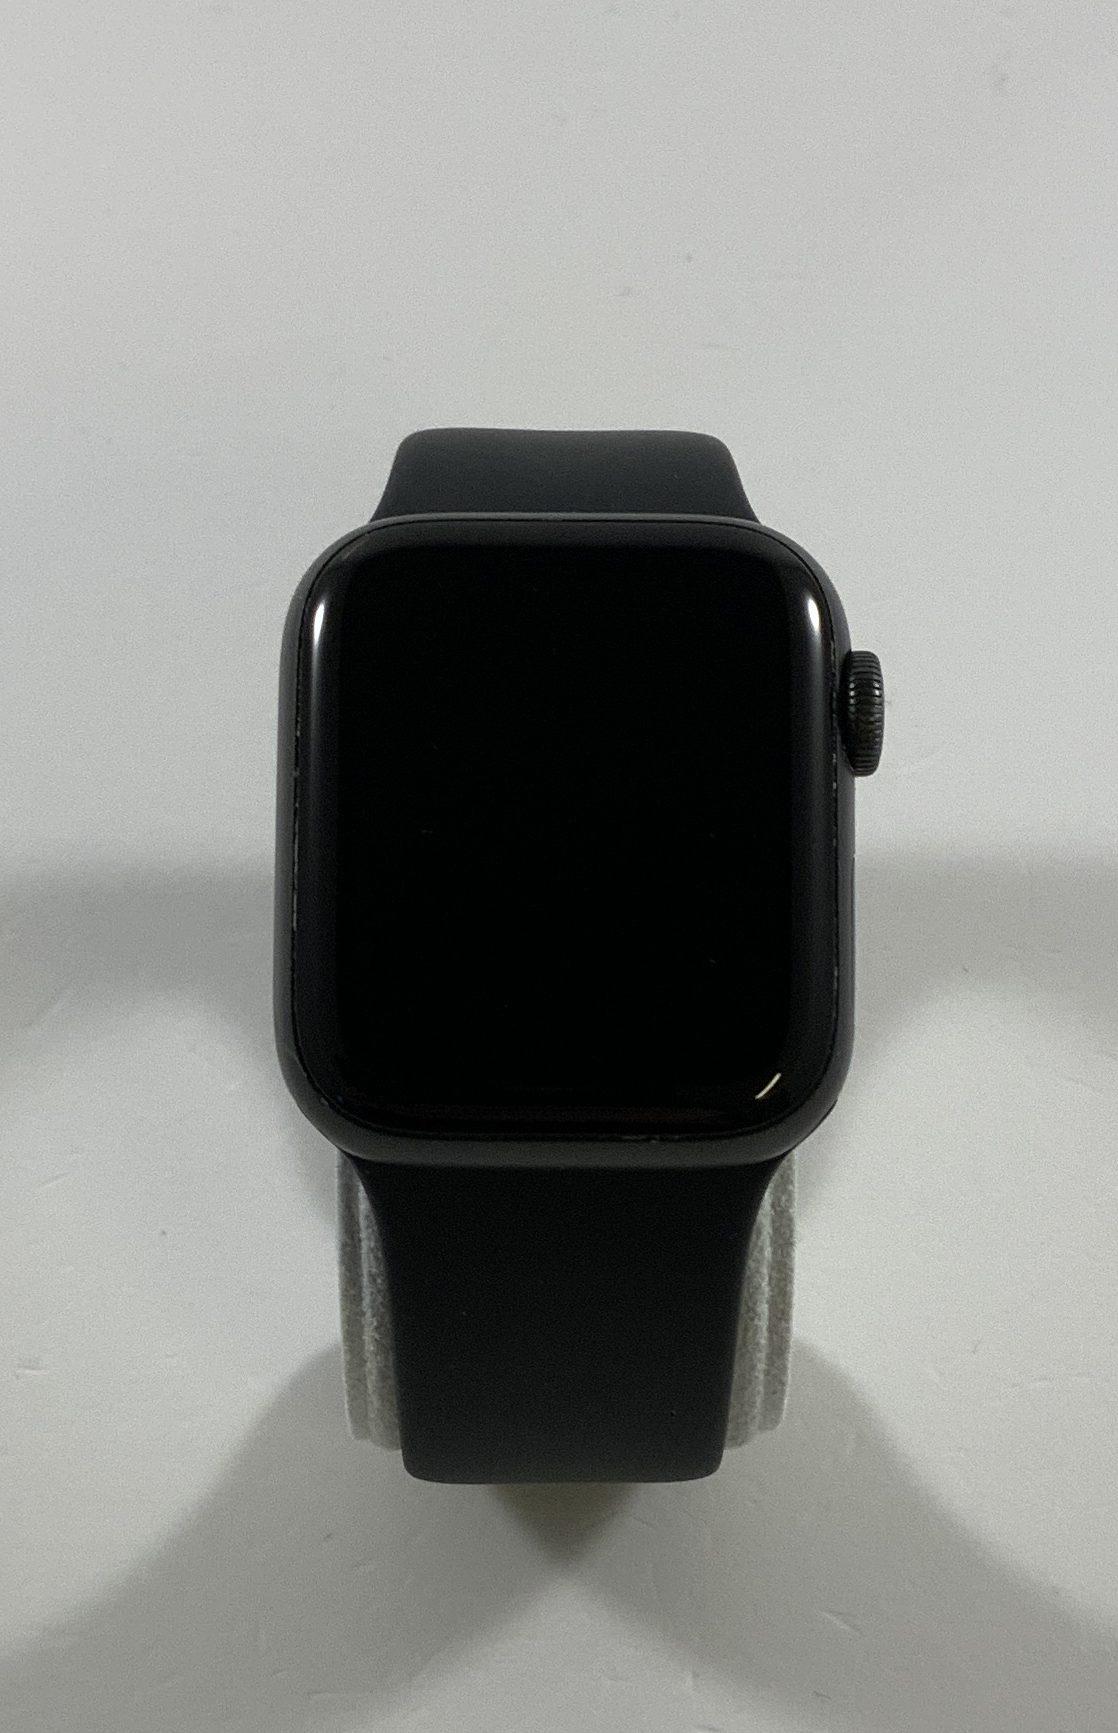 Watch Series 5 Aluminum (40mm), Space Gray, Kuva 1